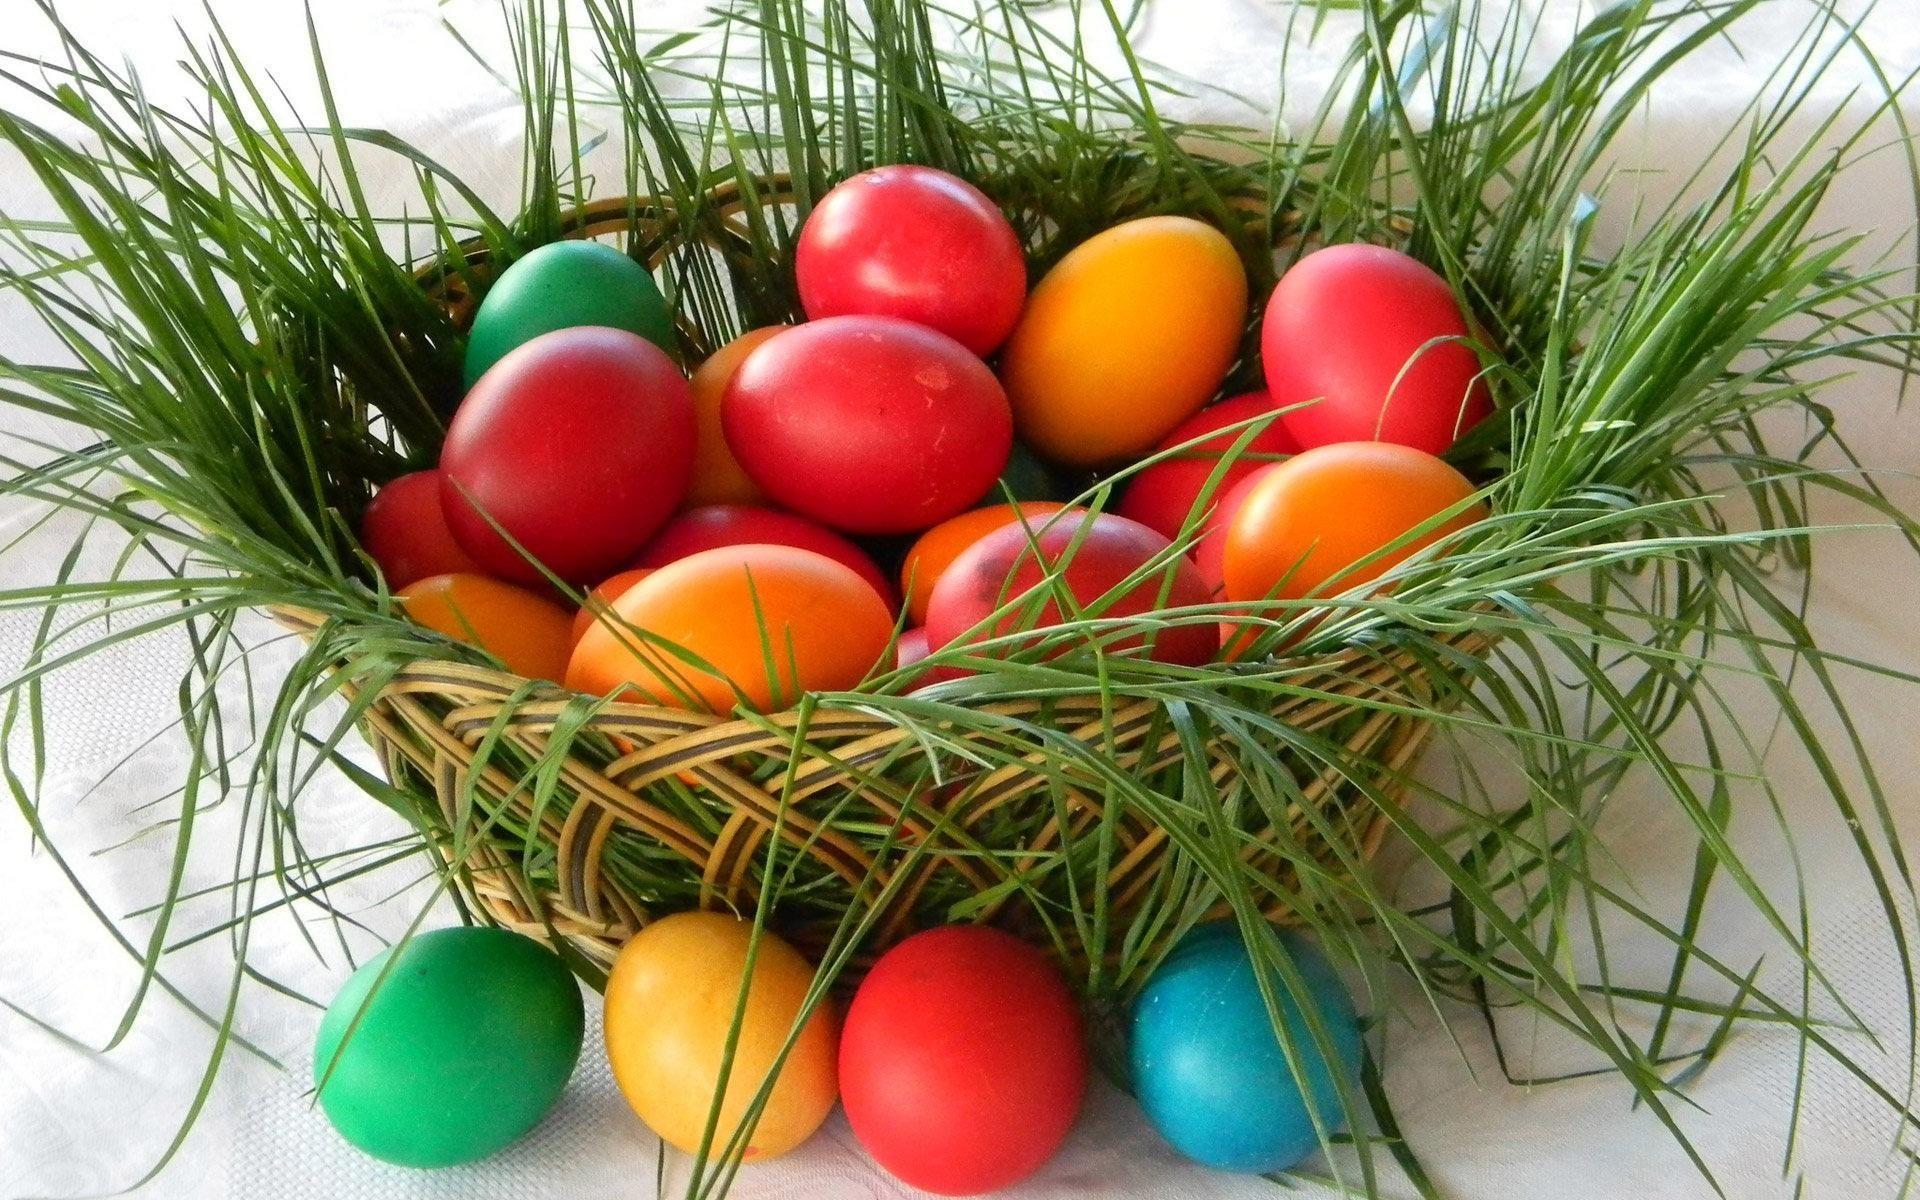 Easter desktop wallpapers backgrounds 65 images - Easter desktop wallpaper ...